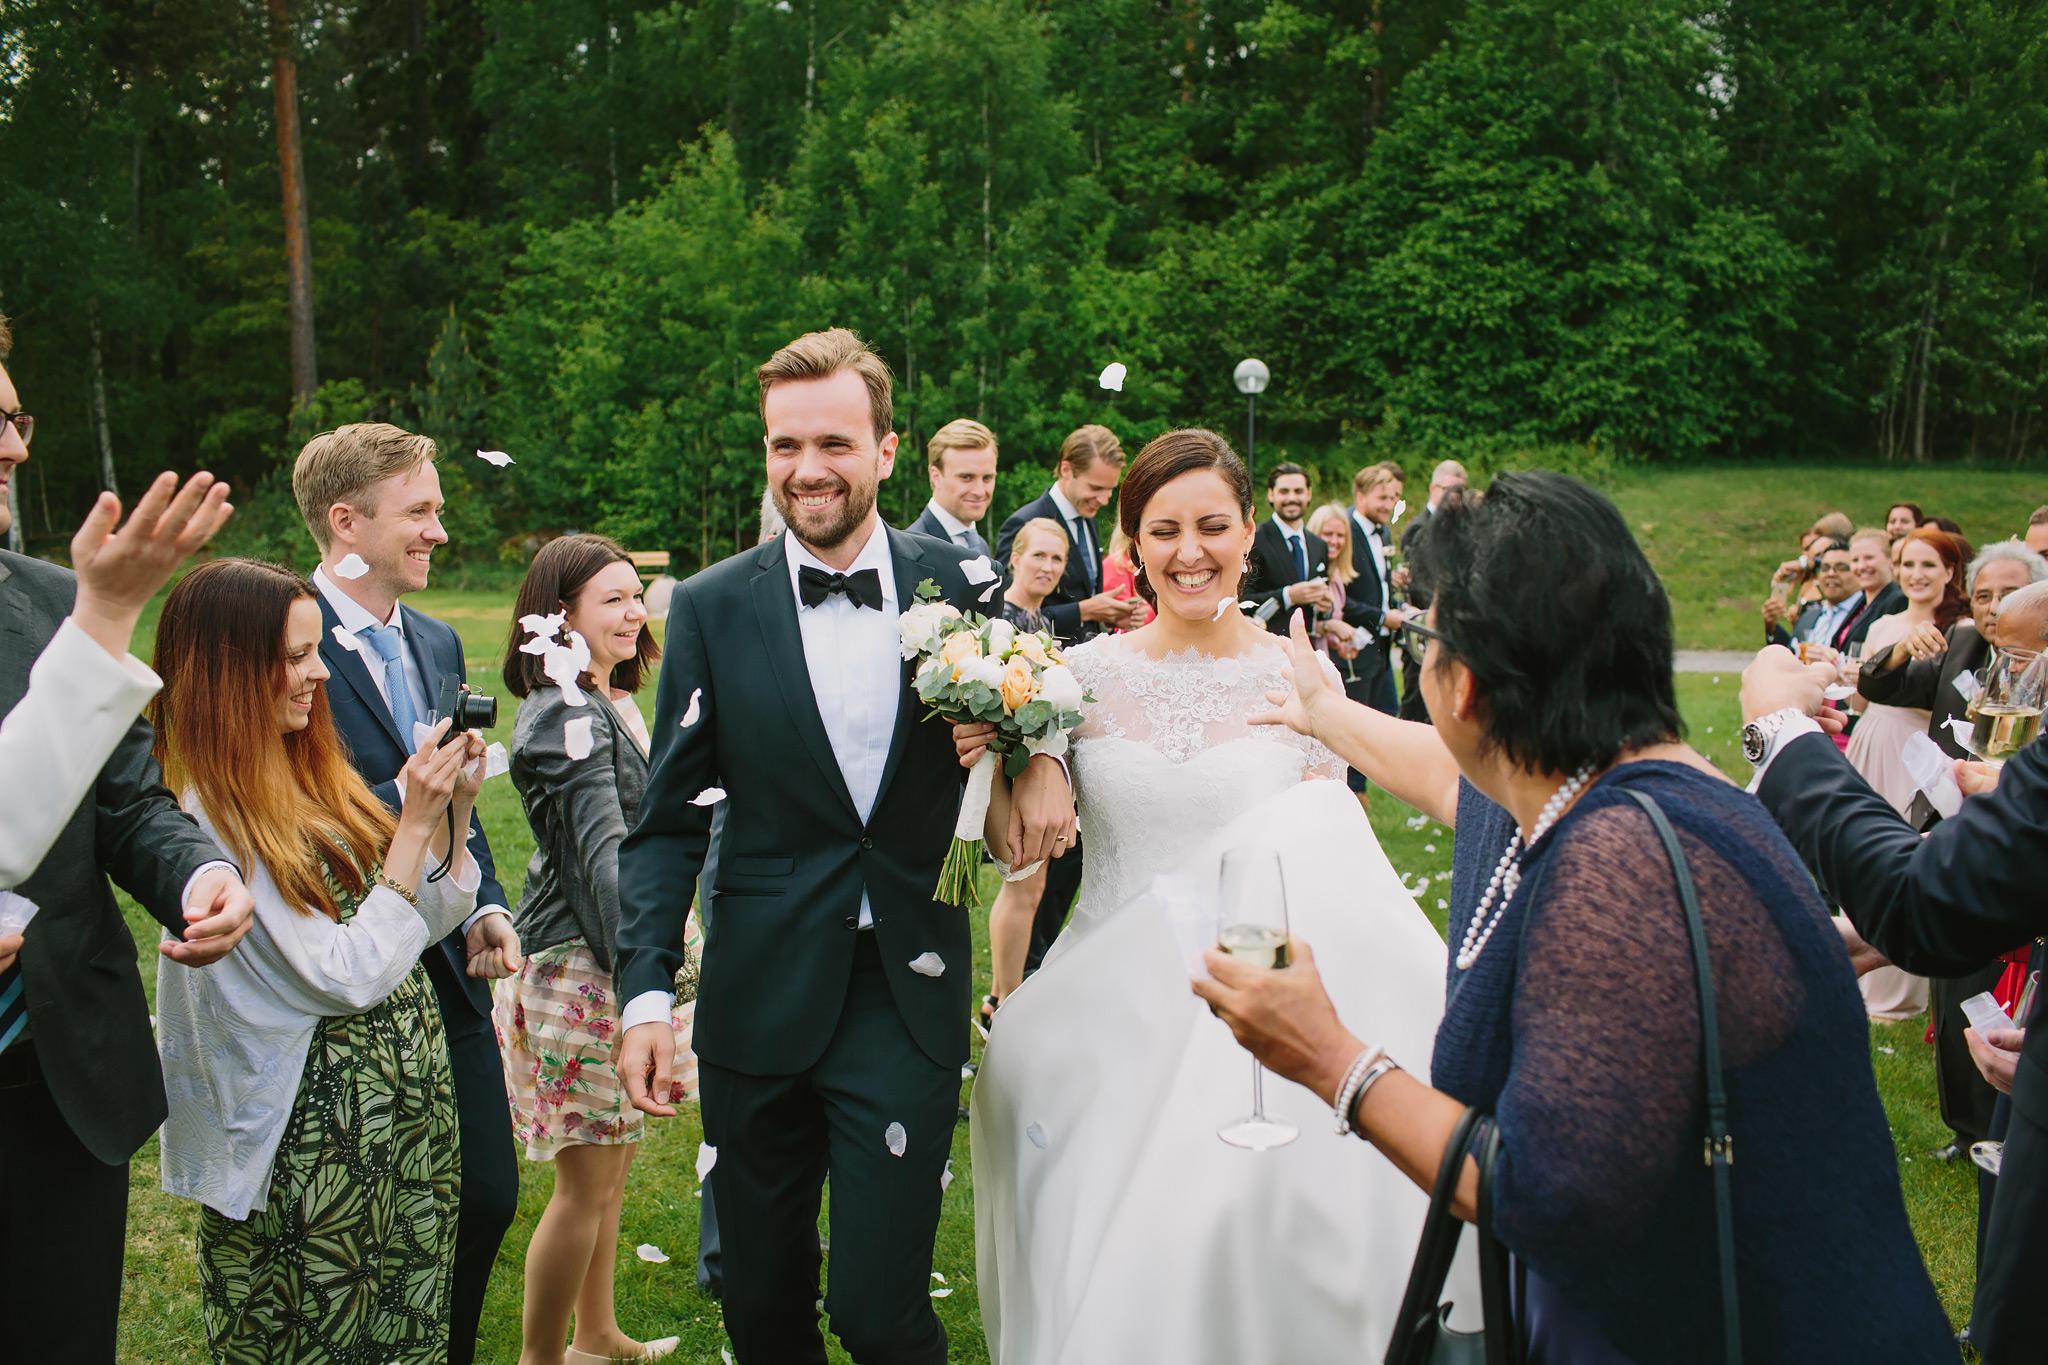 gästerna slänger rosblad på brudparet